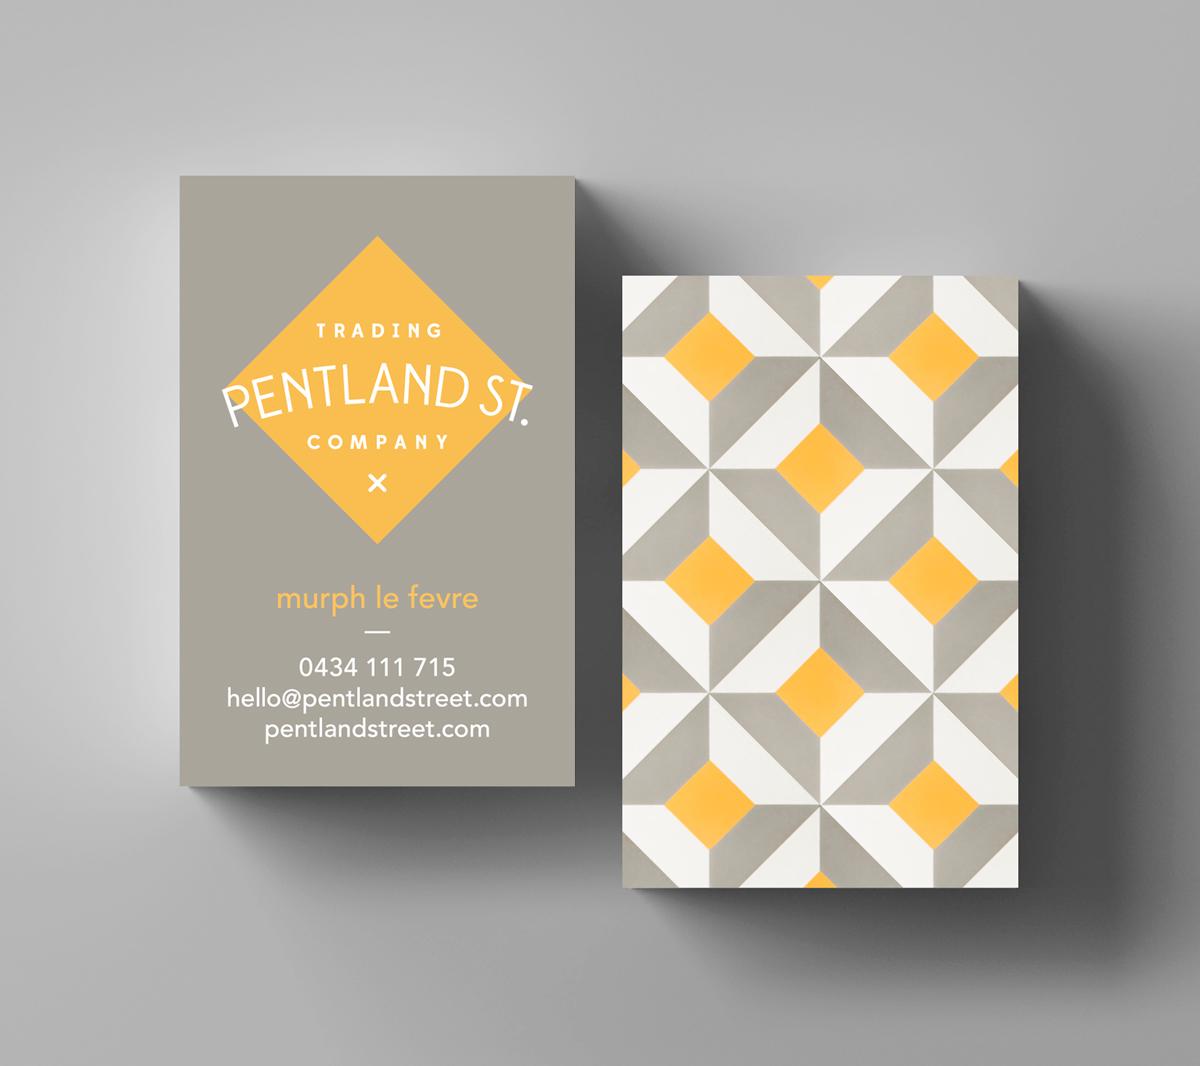 pentlandstcard